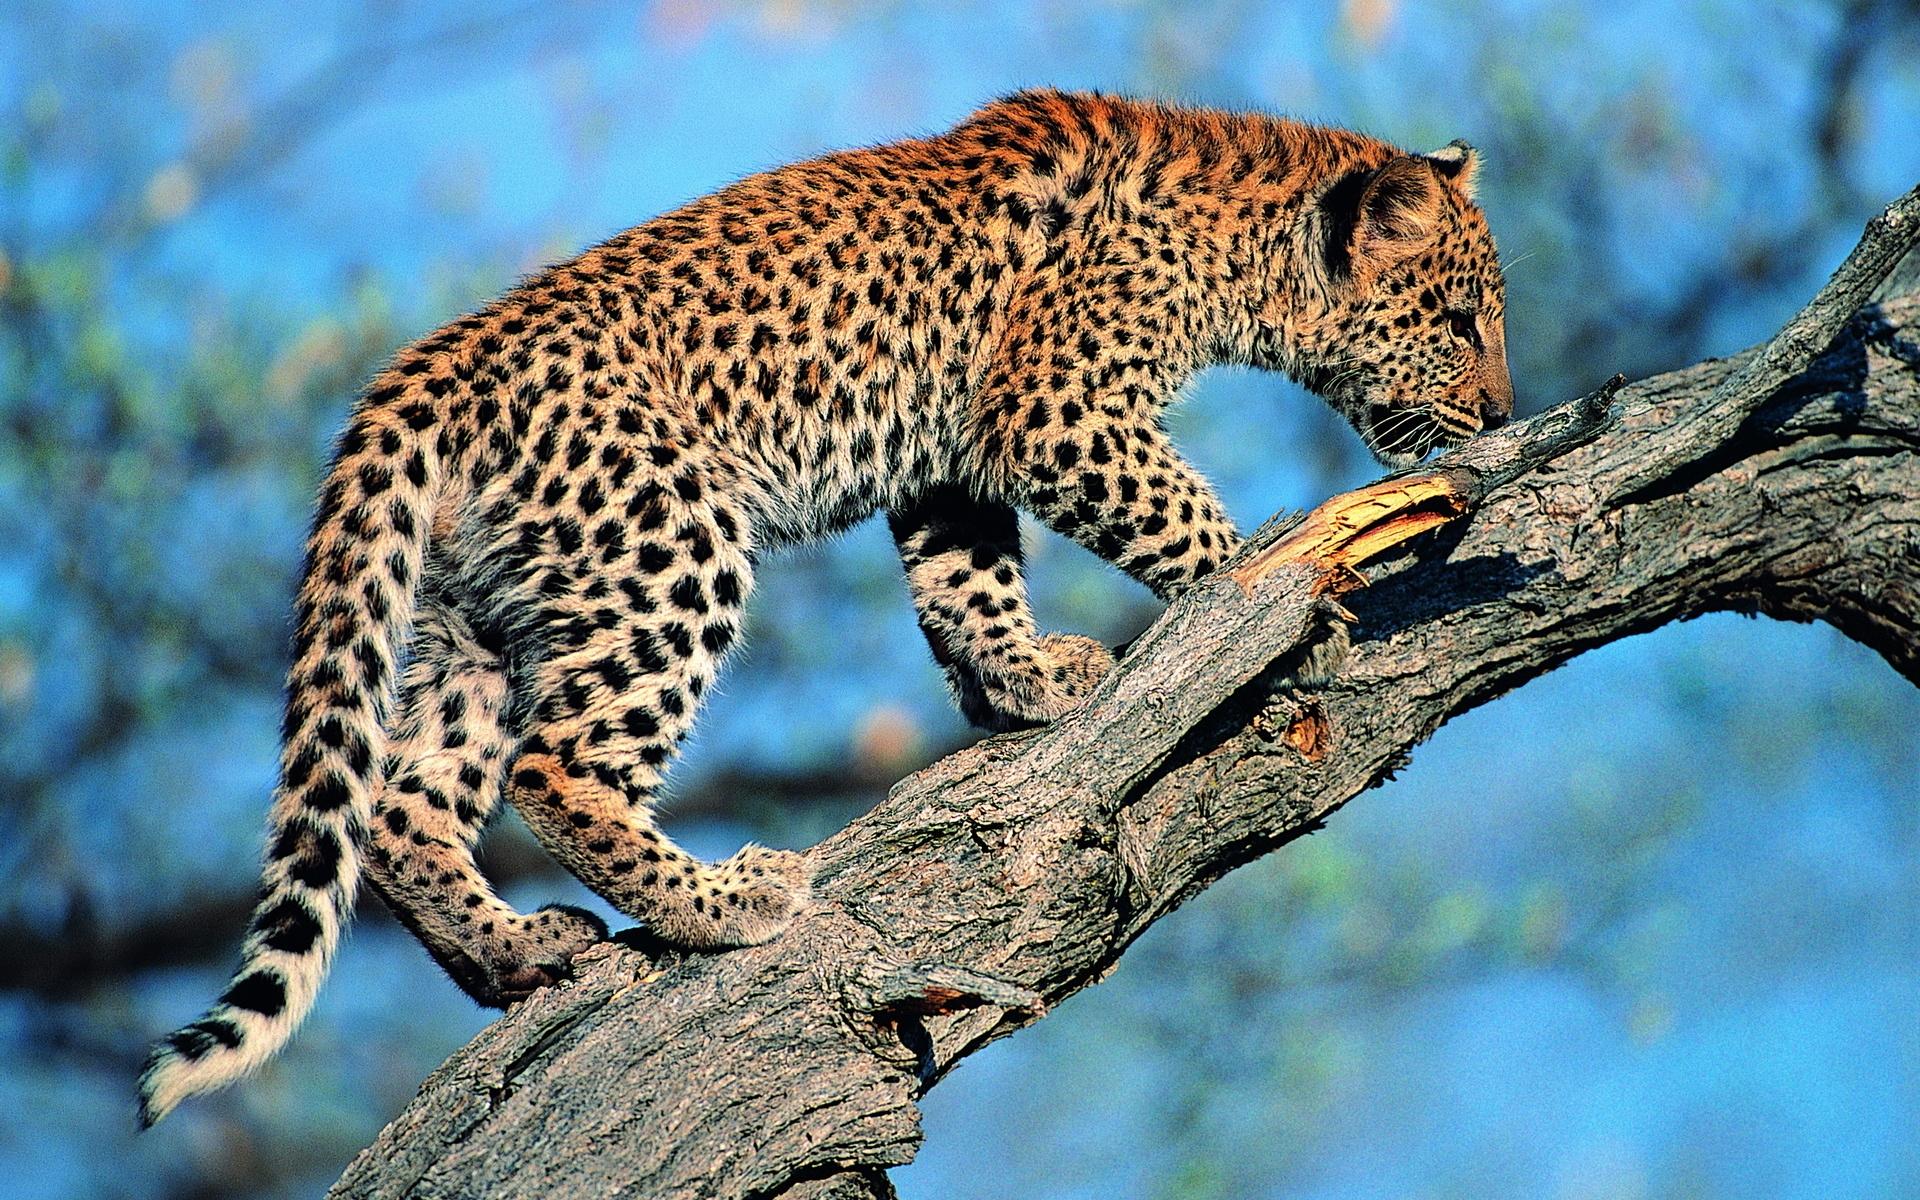 Картинки леопард, хвост, дерево фото и обои на рабочий стол